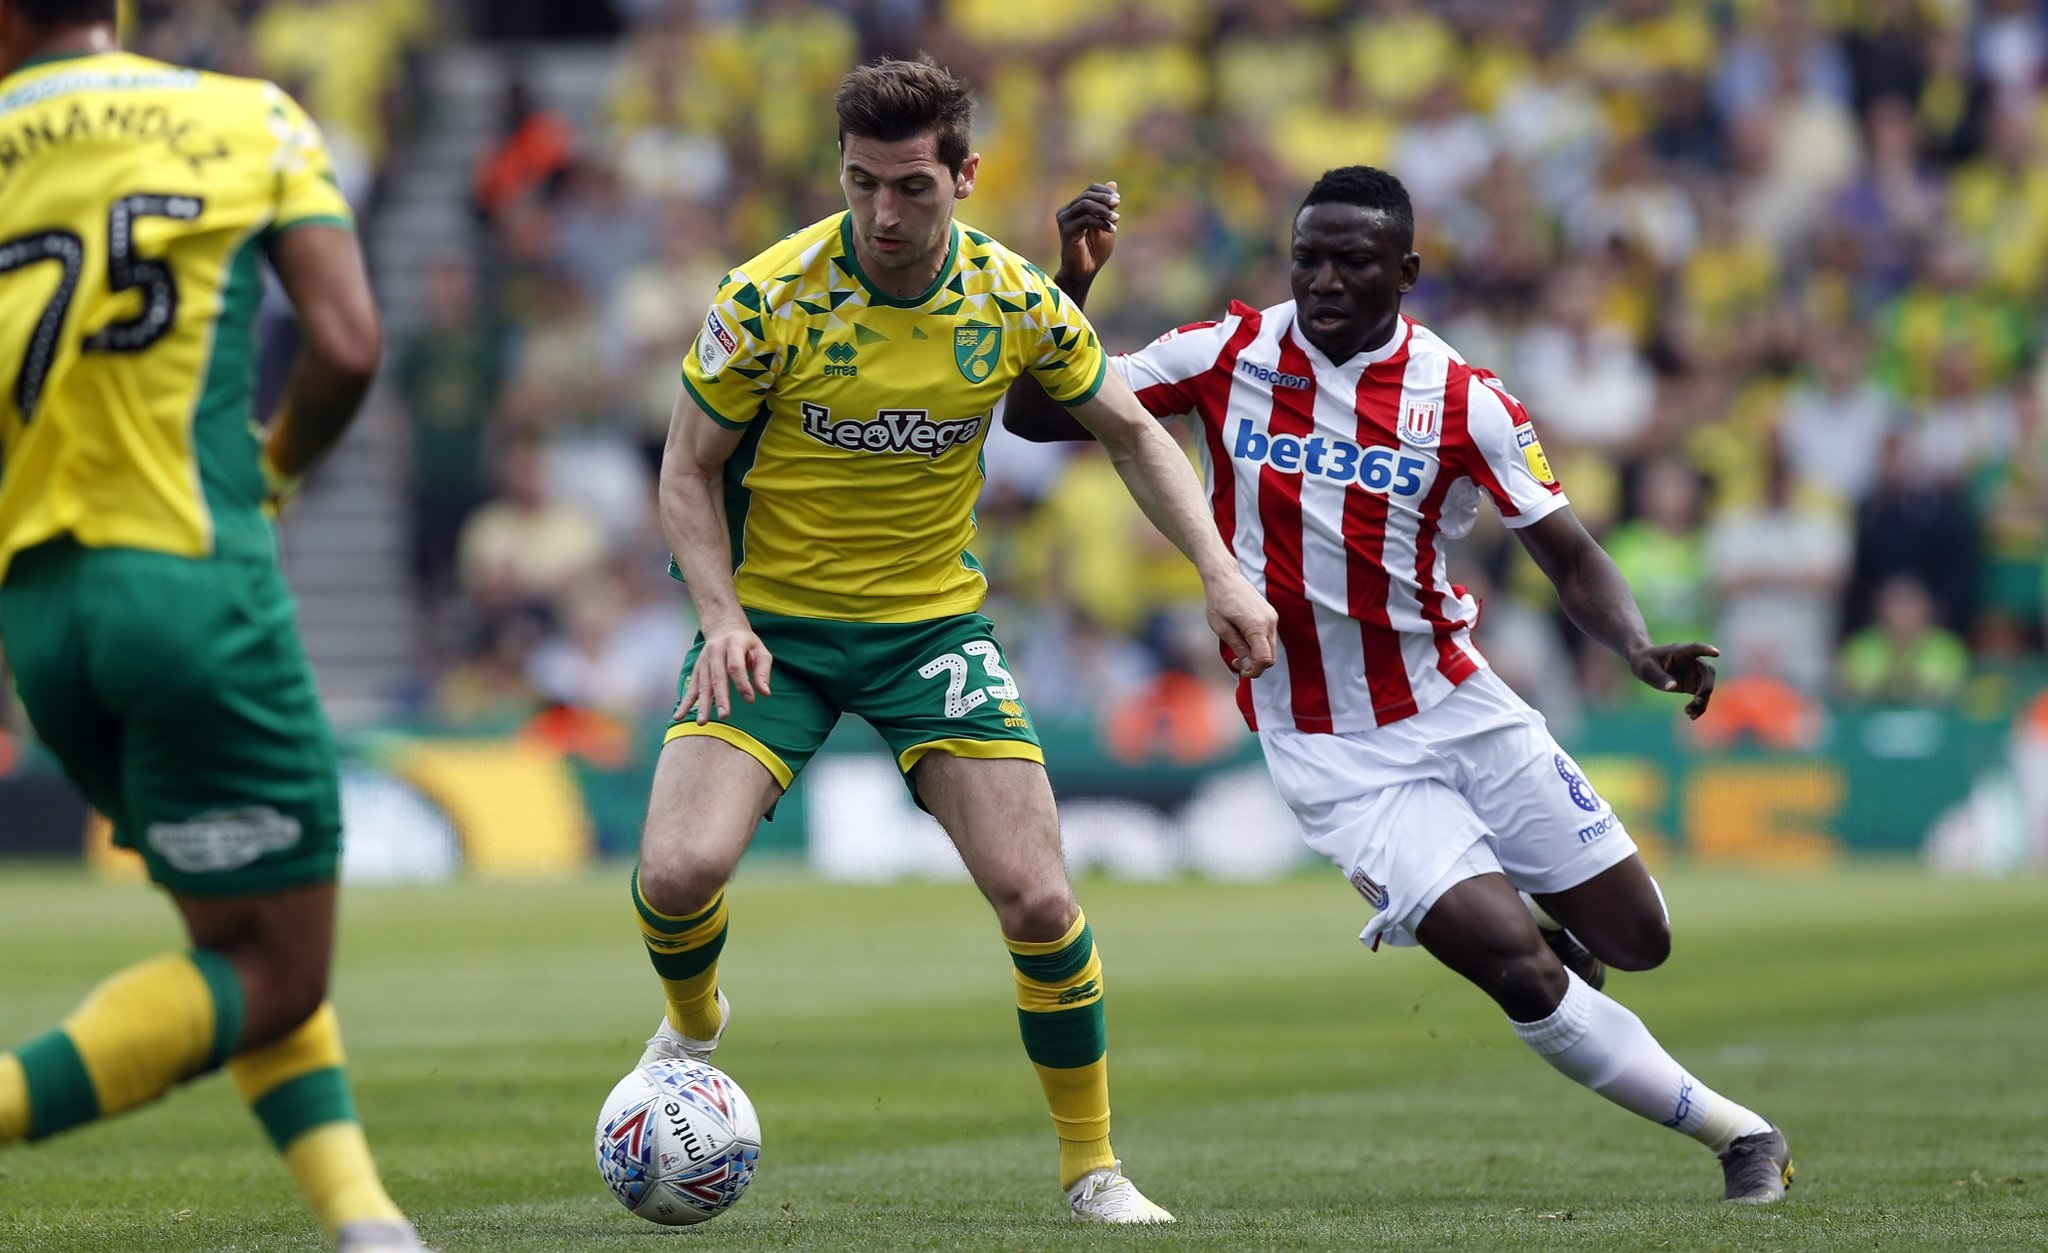 Stoke 2-2 Norwich: 'Chim hoàng yến' Norwich bị trì hoãn ngày lên hạng